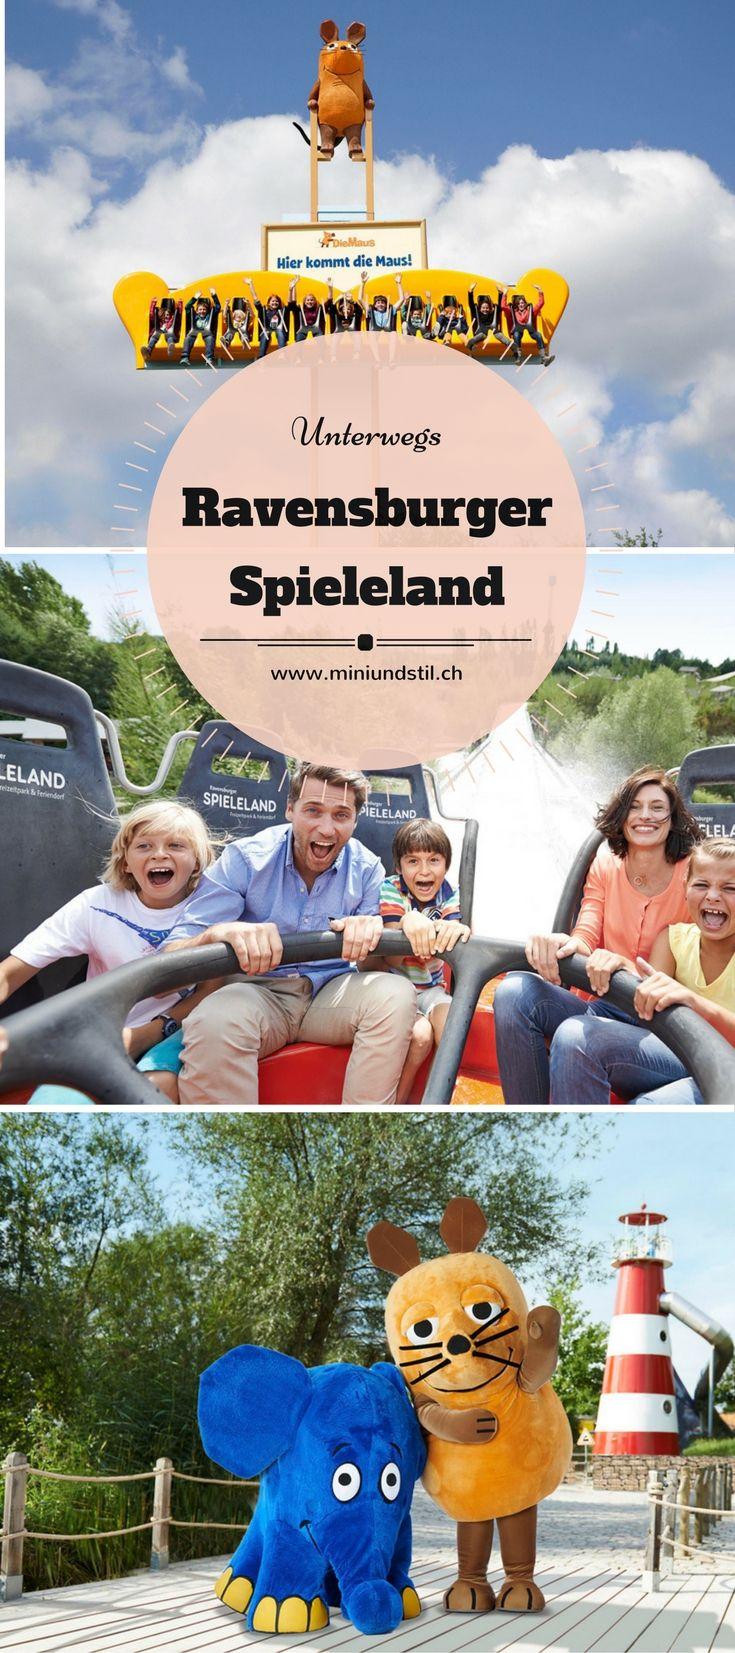 Ravensburger Spieleland, Feriendorf, Freizeitpark, Vergnügungspark, Ausflug mit Kindern, Urlaub mit Kindern